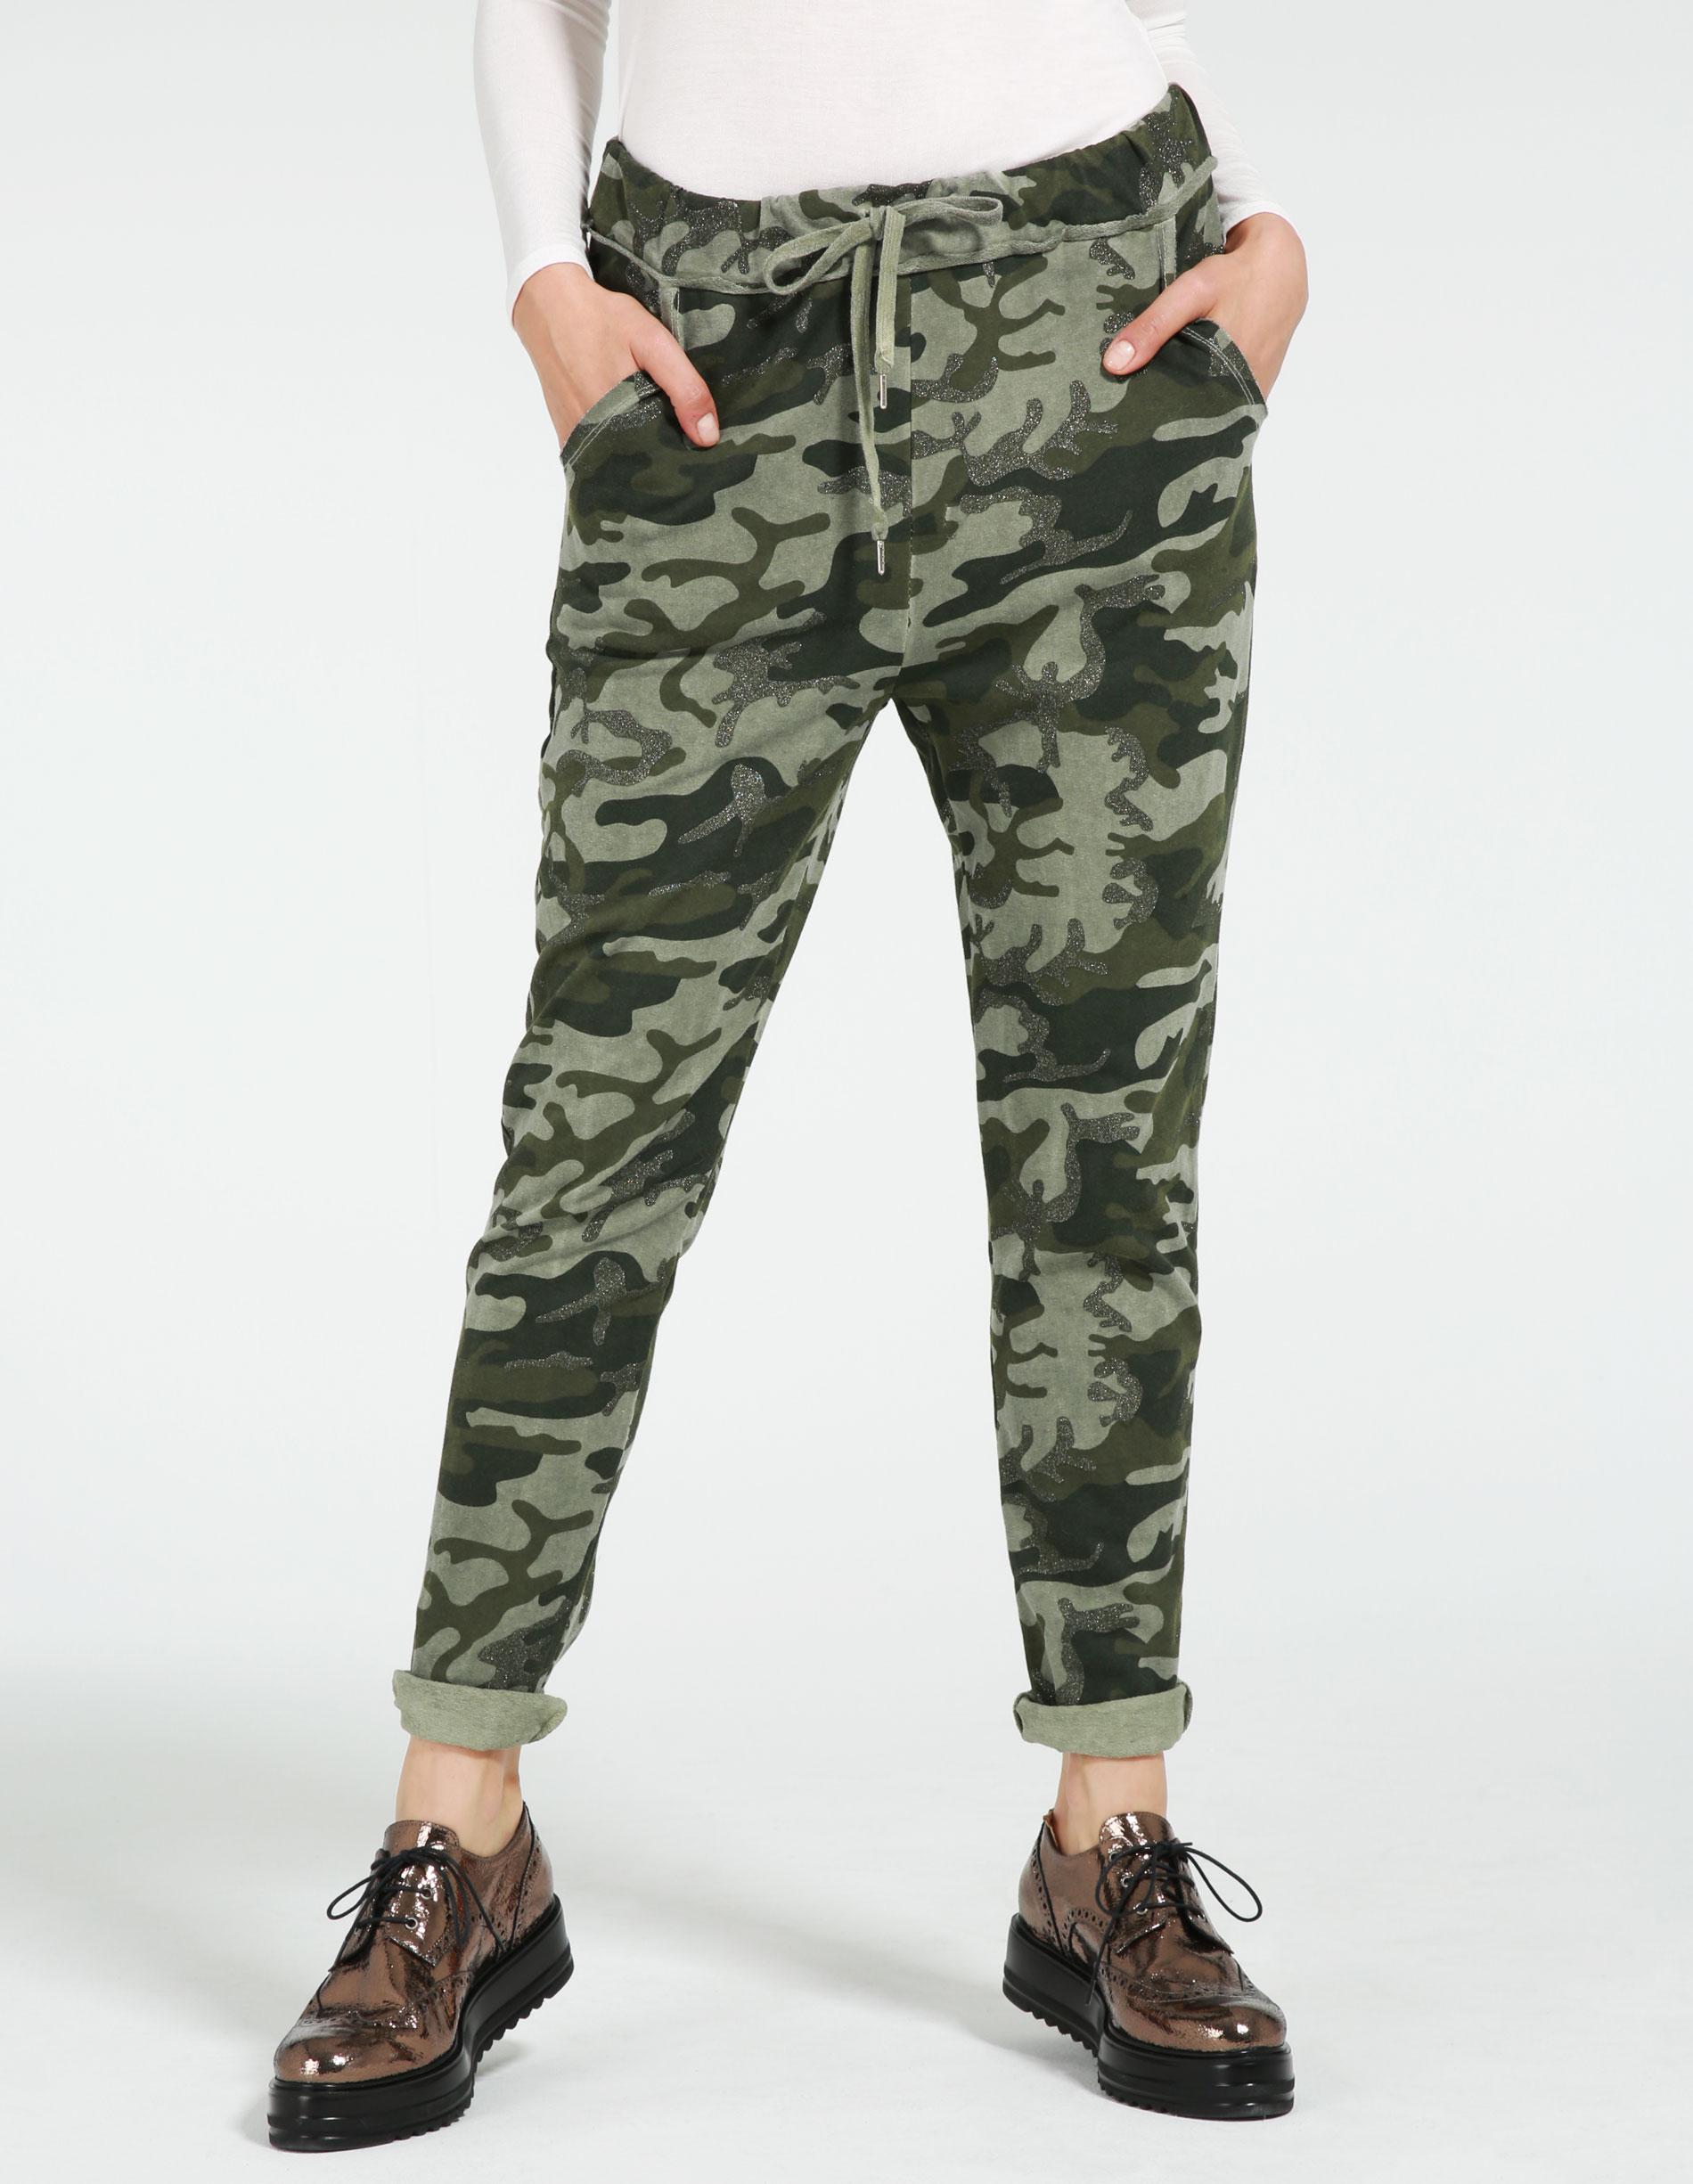 Spodnie - 21-9073 MILIT - Unisono